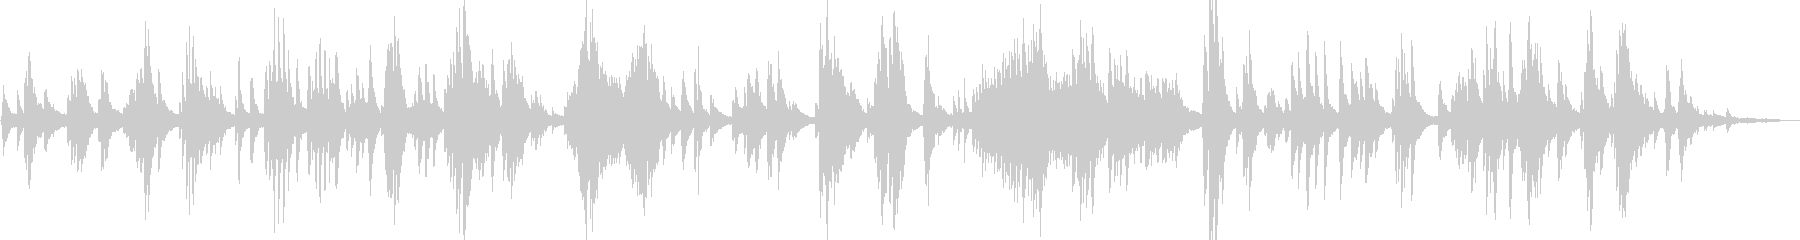 アンビエント系 優しく美しいピアノソロの未再生の波形